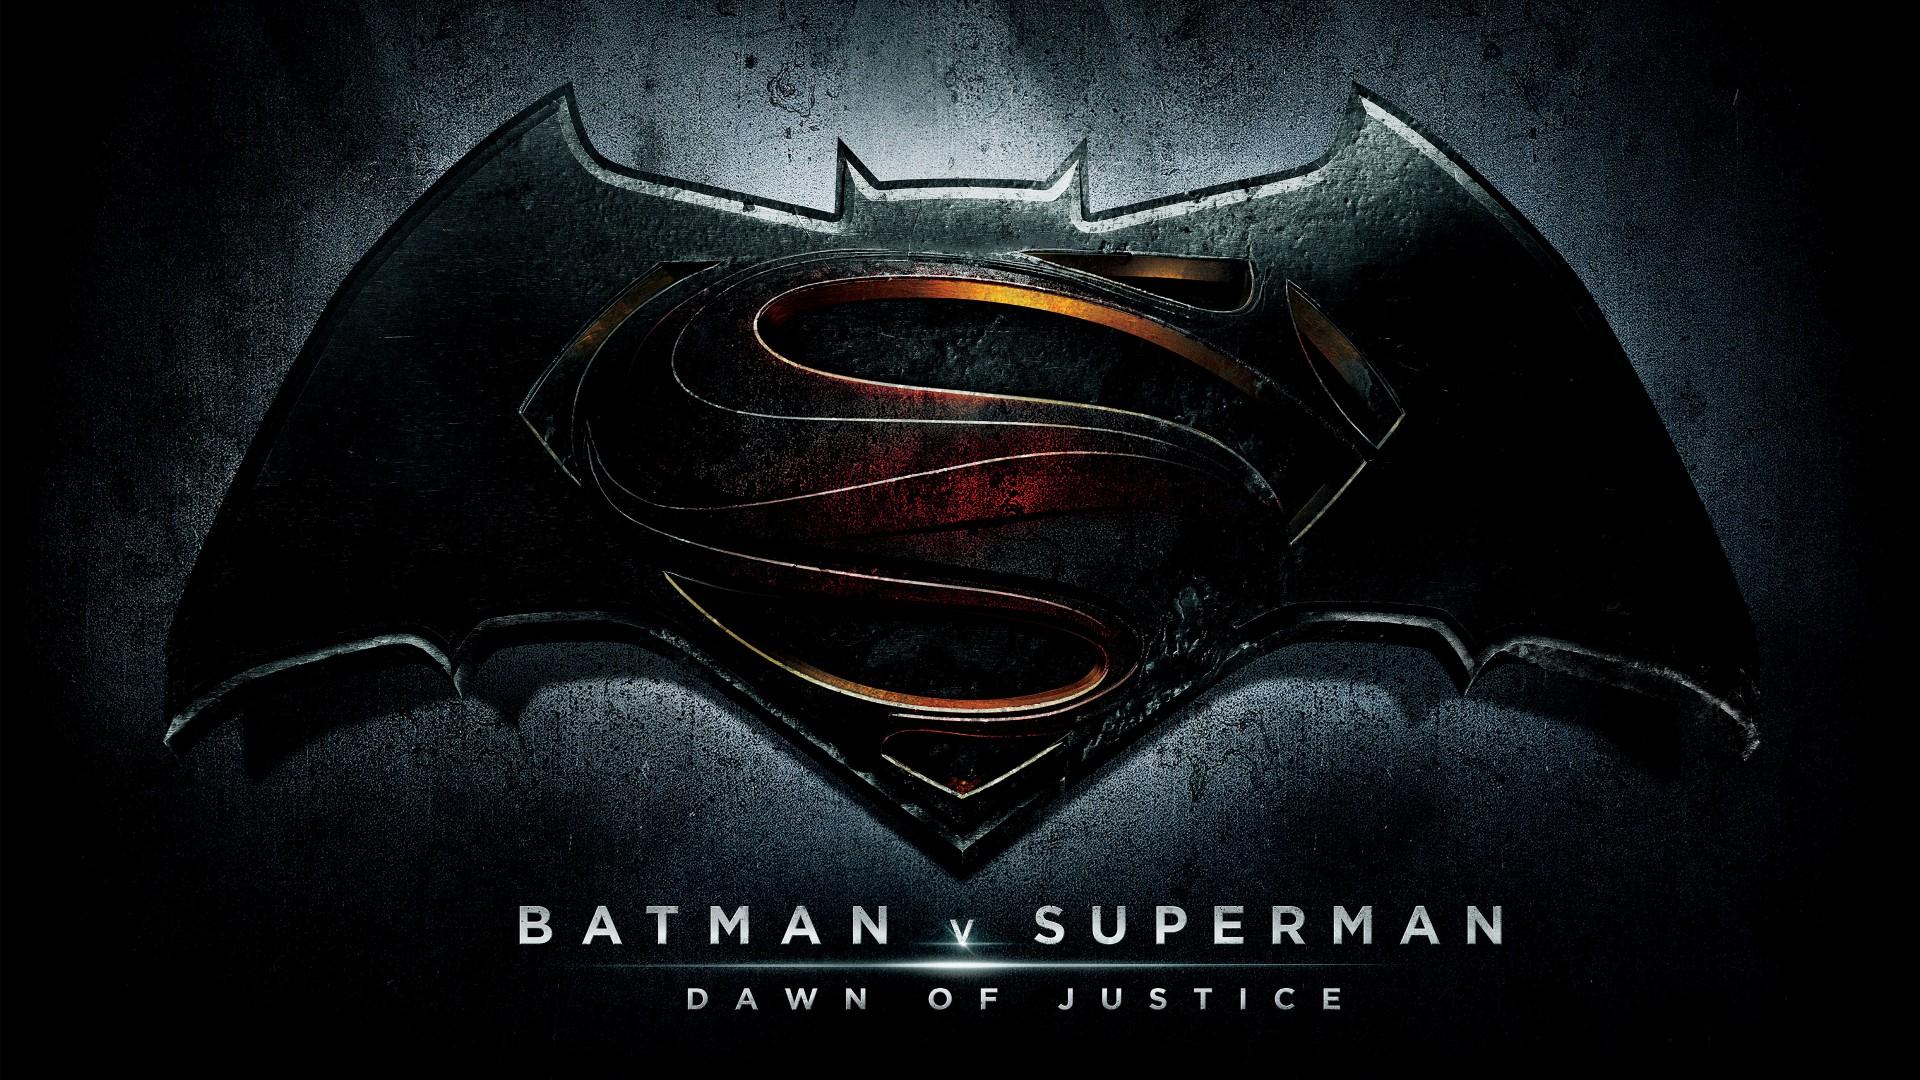 Batman Vs Superman Wallpaper 3d Batman V Superman Dawn Of Justice Wallpapers Hd